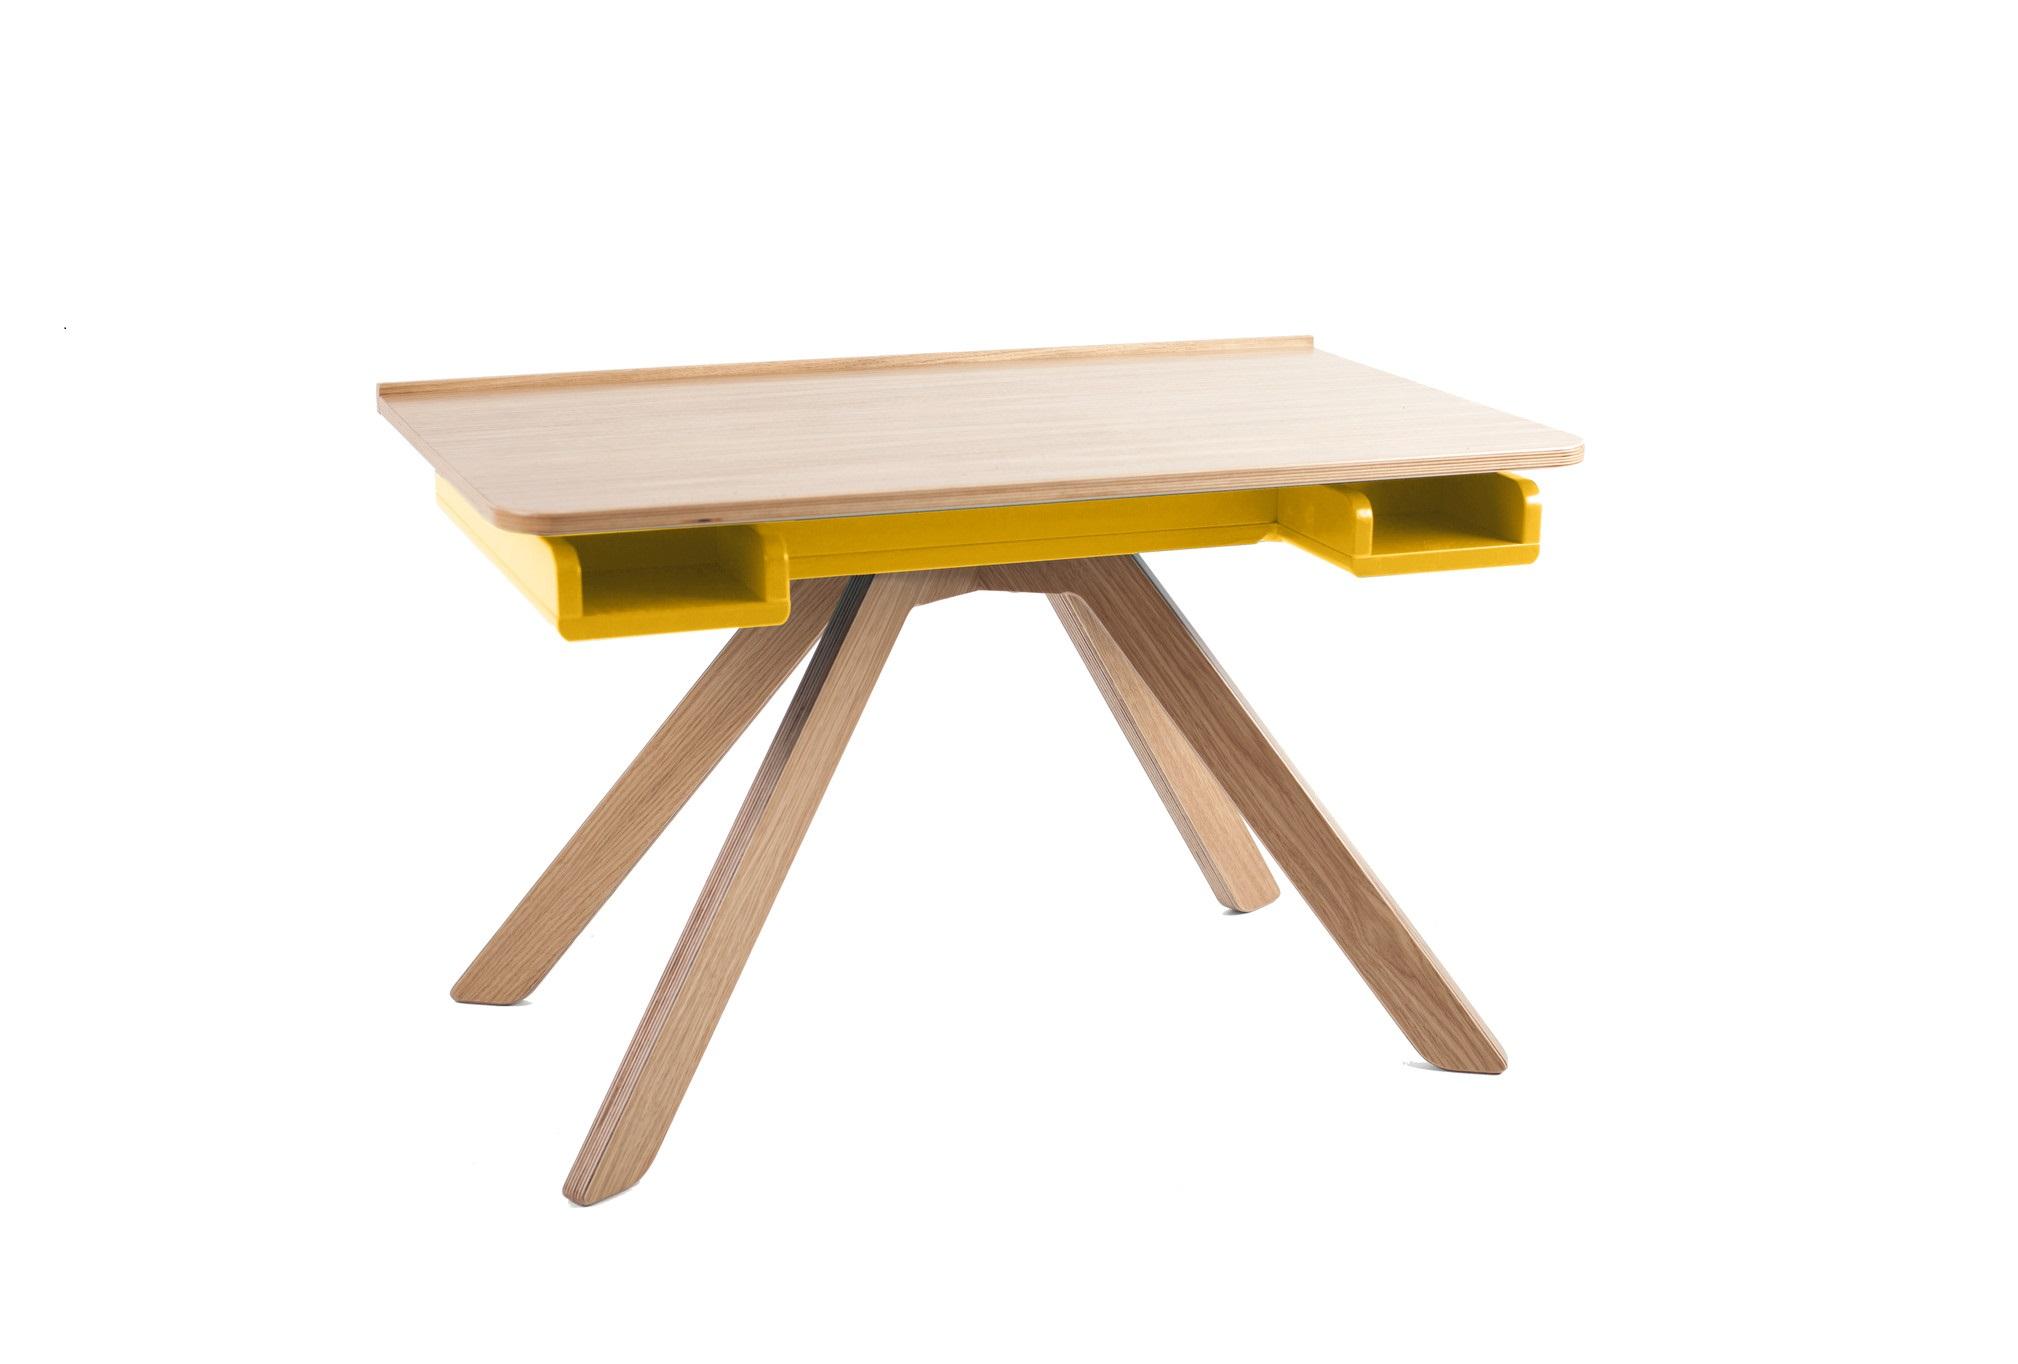 Стол-мольберт MalevichДетские письменные столики<br>&amp;lt;div&amp;gt;Стол многофункционален: его можно использовать как место для лепки, чтения, или игры, так и в качестве мольберта для рисования и предмета для хранения.&amp;amp;nbsp;&amp;lt;/div&amp;gt;&amp;lt;div&amp;gt;&amp;lt;br&amp;gt;&amp;lt;/div&amp;gt;&amp;lt;div&amp;gt;- Вместительное пространство для хранения позволит сохранить порядок в комнате, ведь туда с легкостью поместится все необходимое для творчества.&amp;amp;nbsp;&amp;lt;/div&amp;gt;&amp;lt;div&amp;gt;- На столешнице есть специальная накладка, куда ребенок при использовании мольберта может класть кисточки и карандаши.&amp;amp;nbsp;&amp;lt;/div&amp;gt;&amp;lt;div&amp;gt;- В столе также есть небольшие полочки, к которым есть доступ при закрытой столешнице, туда ребенок может положить карандаши, маленькую игрушку или еще какую-то мелочь.&amp;amp;nbsp;&amp;lt;/div&amp;gt;&amp;lt;div&amp;gt;- Столешница сделана из фанеры, покрыта дубовым шпоном и выкрашена прозрачным лаком и это не случайно: царапины и вмятины не будут заметны так сильно, как на столешницах, выкрашенных эмалью.&amp;amp;nbsp;&amp;lt;/div&amp;gt;&amp;lt;div&amp;gt;- Благодаря удобным механизмам и наличию зазоров между столешницей и отсеком для хранения, ребенок сможет самостоятельно поднимать и опускать столешницу, не прищемляя пальчики.&amp;amp;nbsp;&amp;lt;/div&amp;gt;&amp;lt;div&amp;gt;&amp;lt;br&amp;gt;&amp;lt;/div&amp;gt;&amp;lt;div&amp;gt;Материал: березовая фанера, дубовый шпон.&amp;lt;/div&amp;gt;<br><br>Material: Фанера<br>Width см: 82<br>Depth см: 50<br>Height см: 50